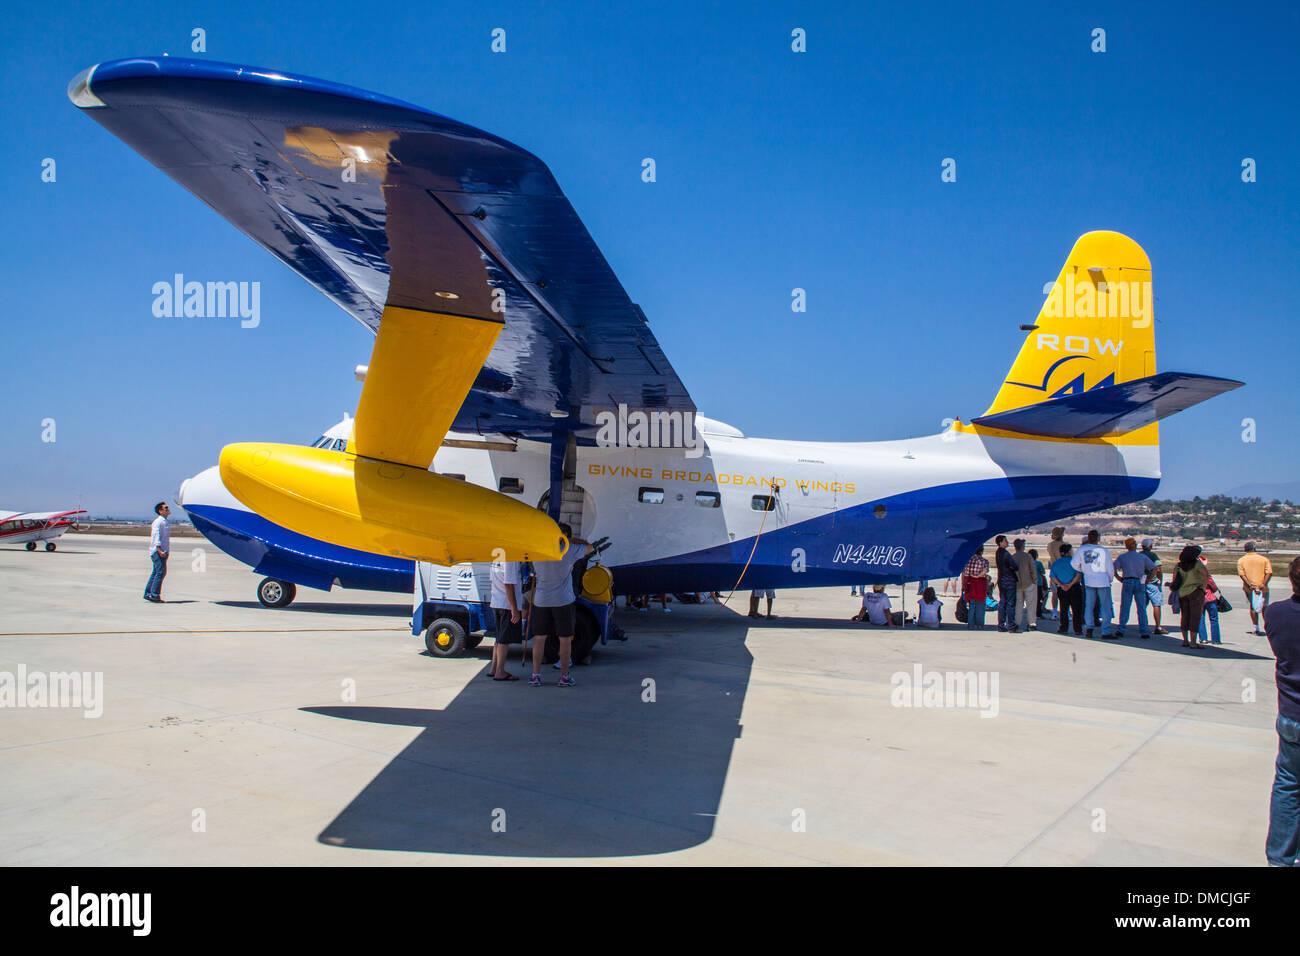 Un Grumman HU-16 avión anfibio en el Wings en Camarillo Airshow en Camarillo California en agosto de 2011. Foto de stock